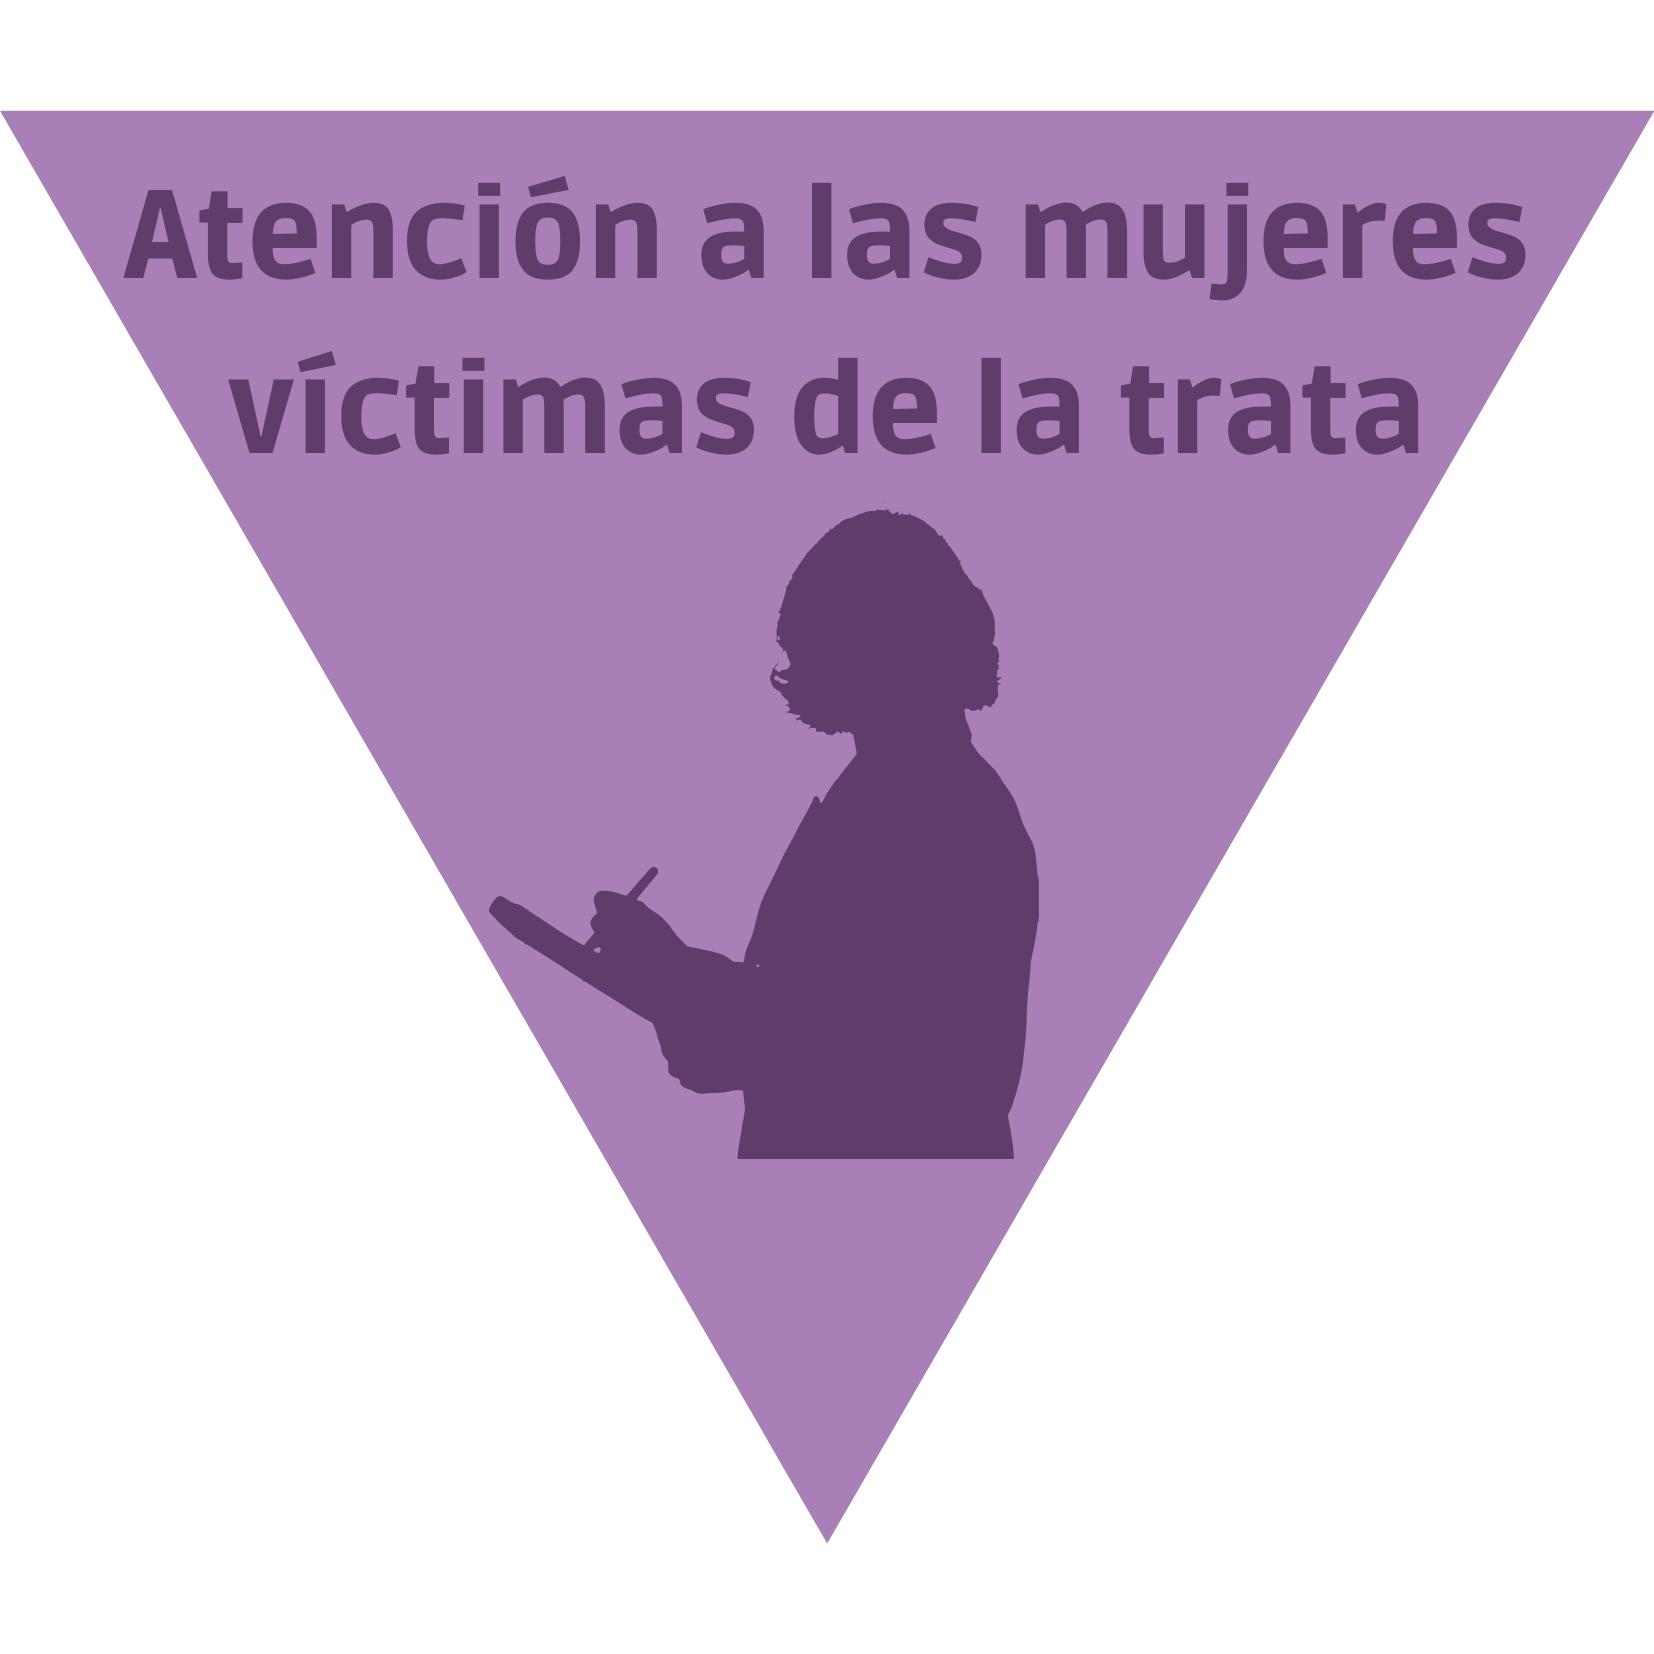 Atención a las mujeres víctimas de trata